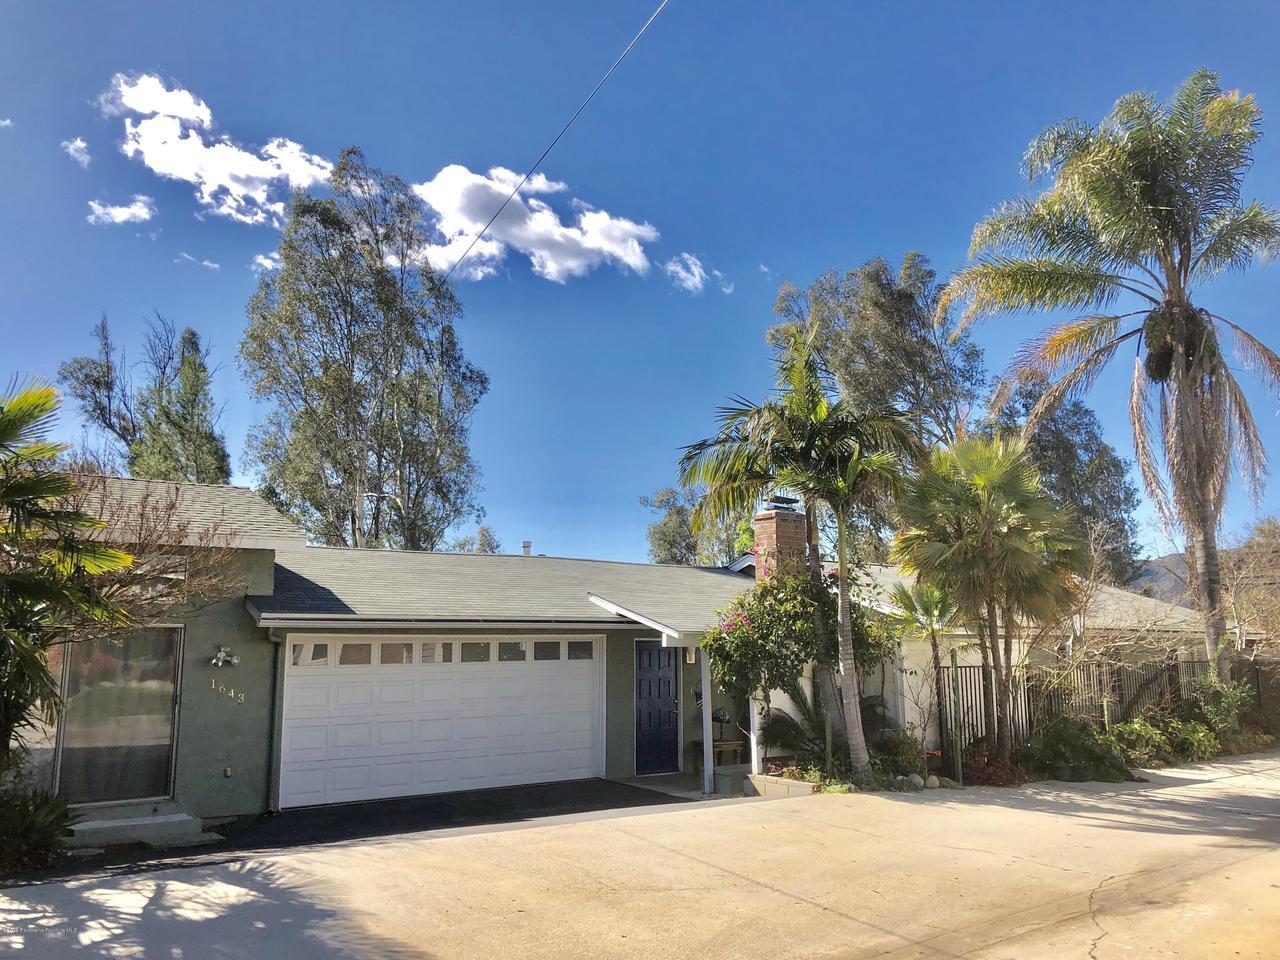 1643 ORANGE TREE LANE, La Canada Flintridge, CA 91011 - MLS # 1